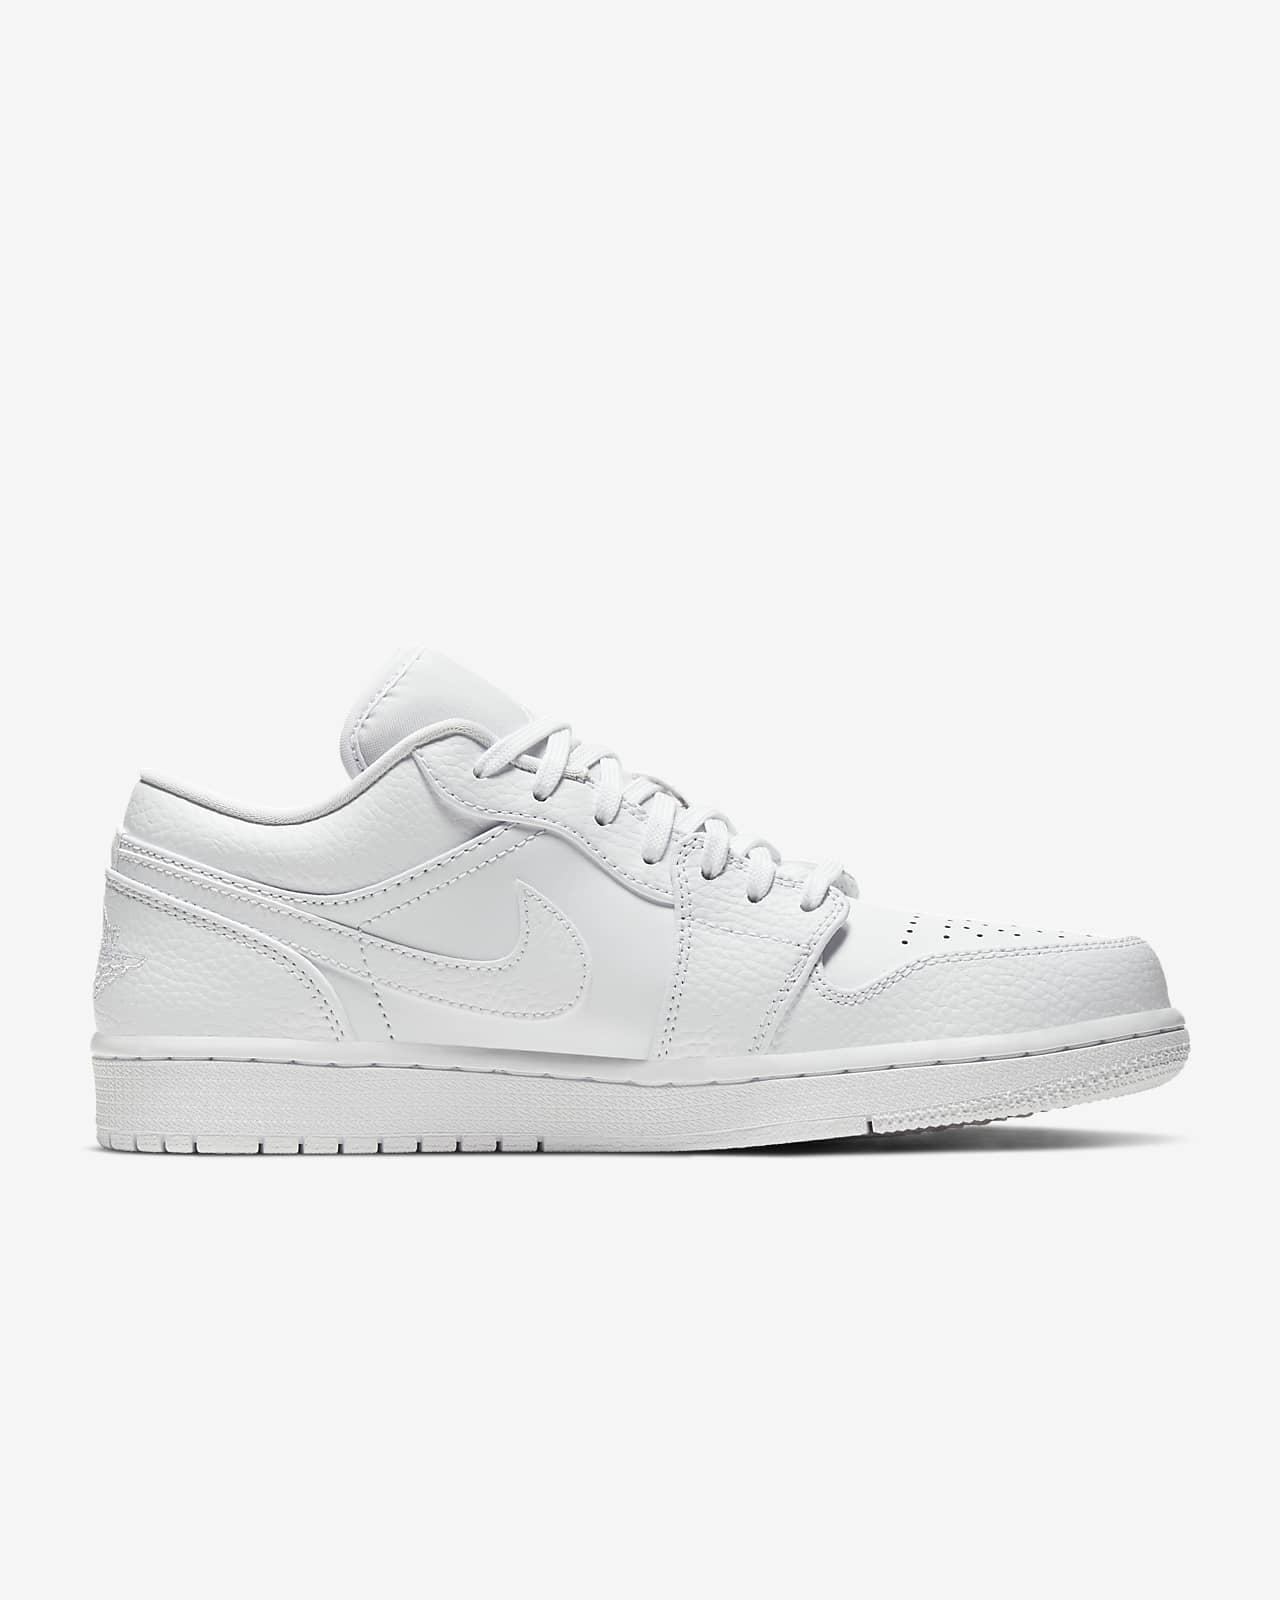 jordan nike shoes white